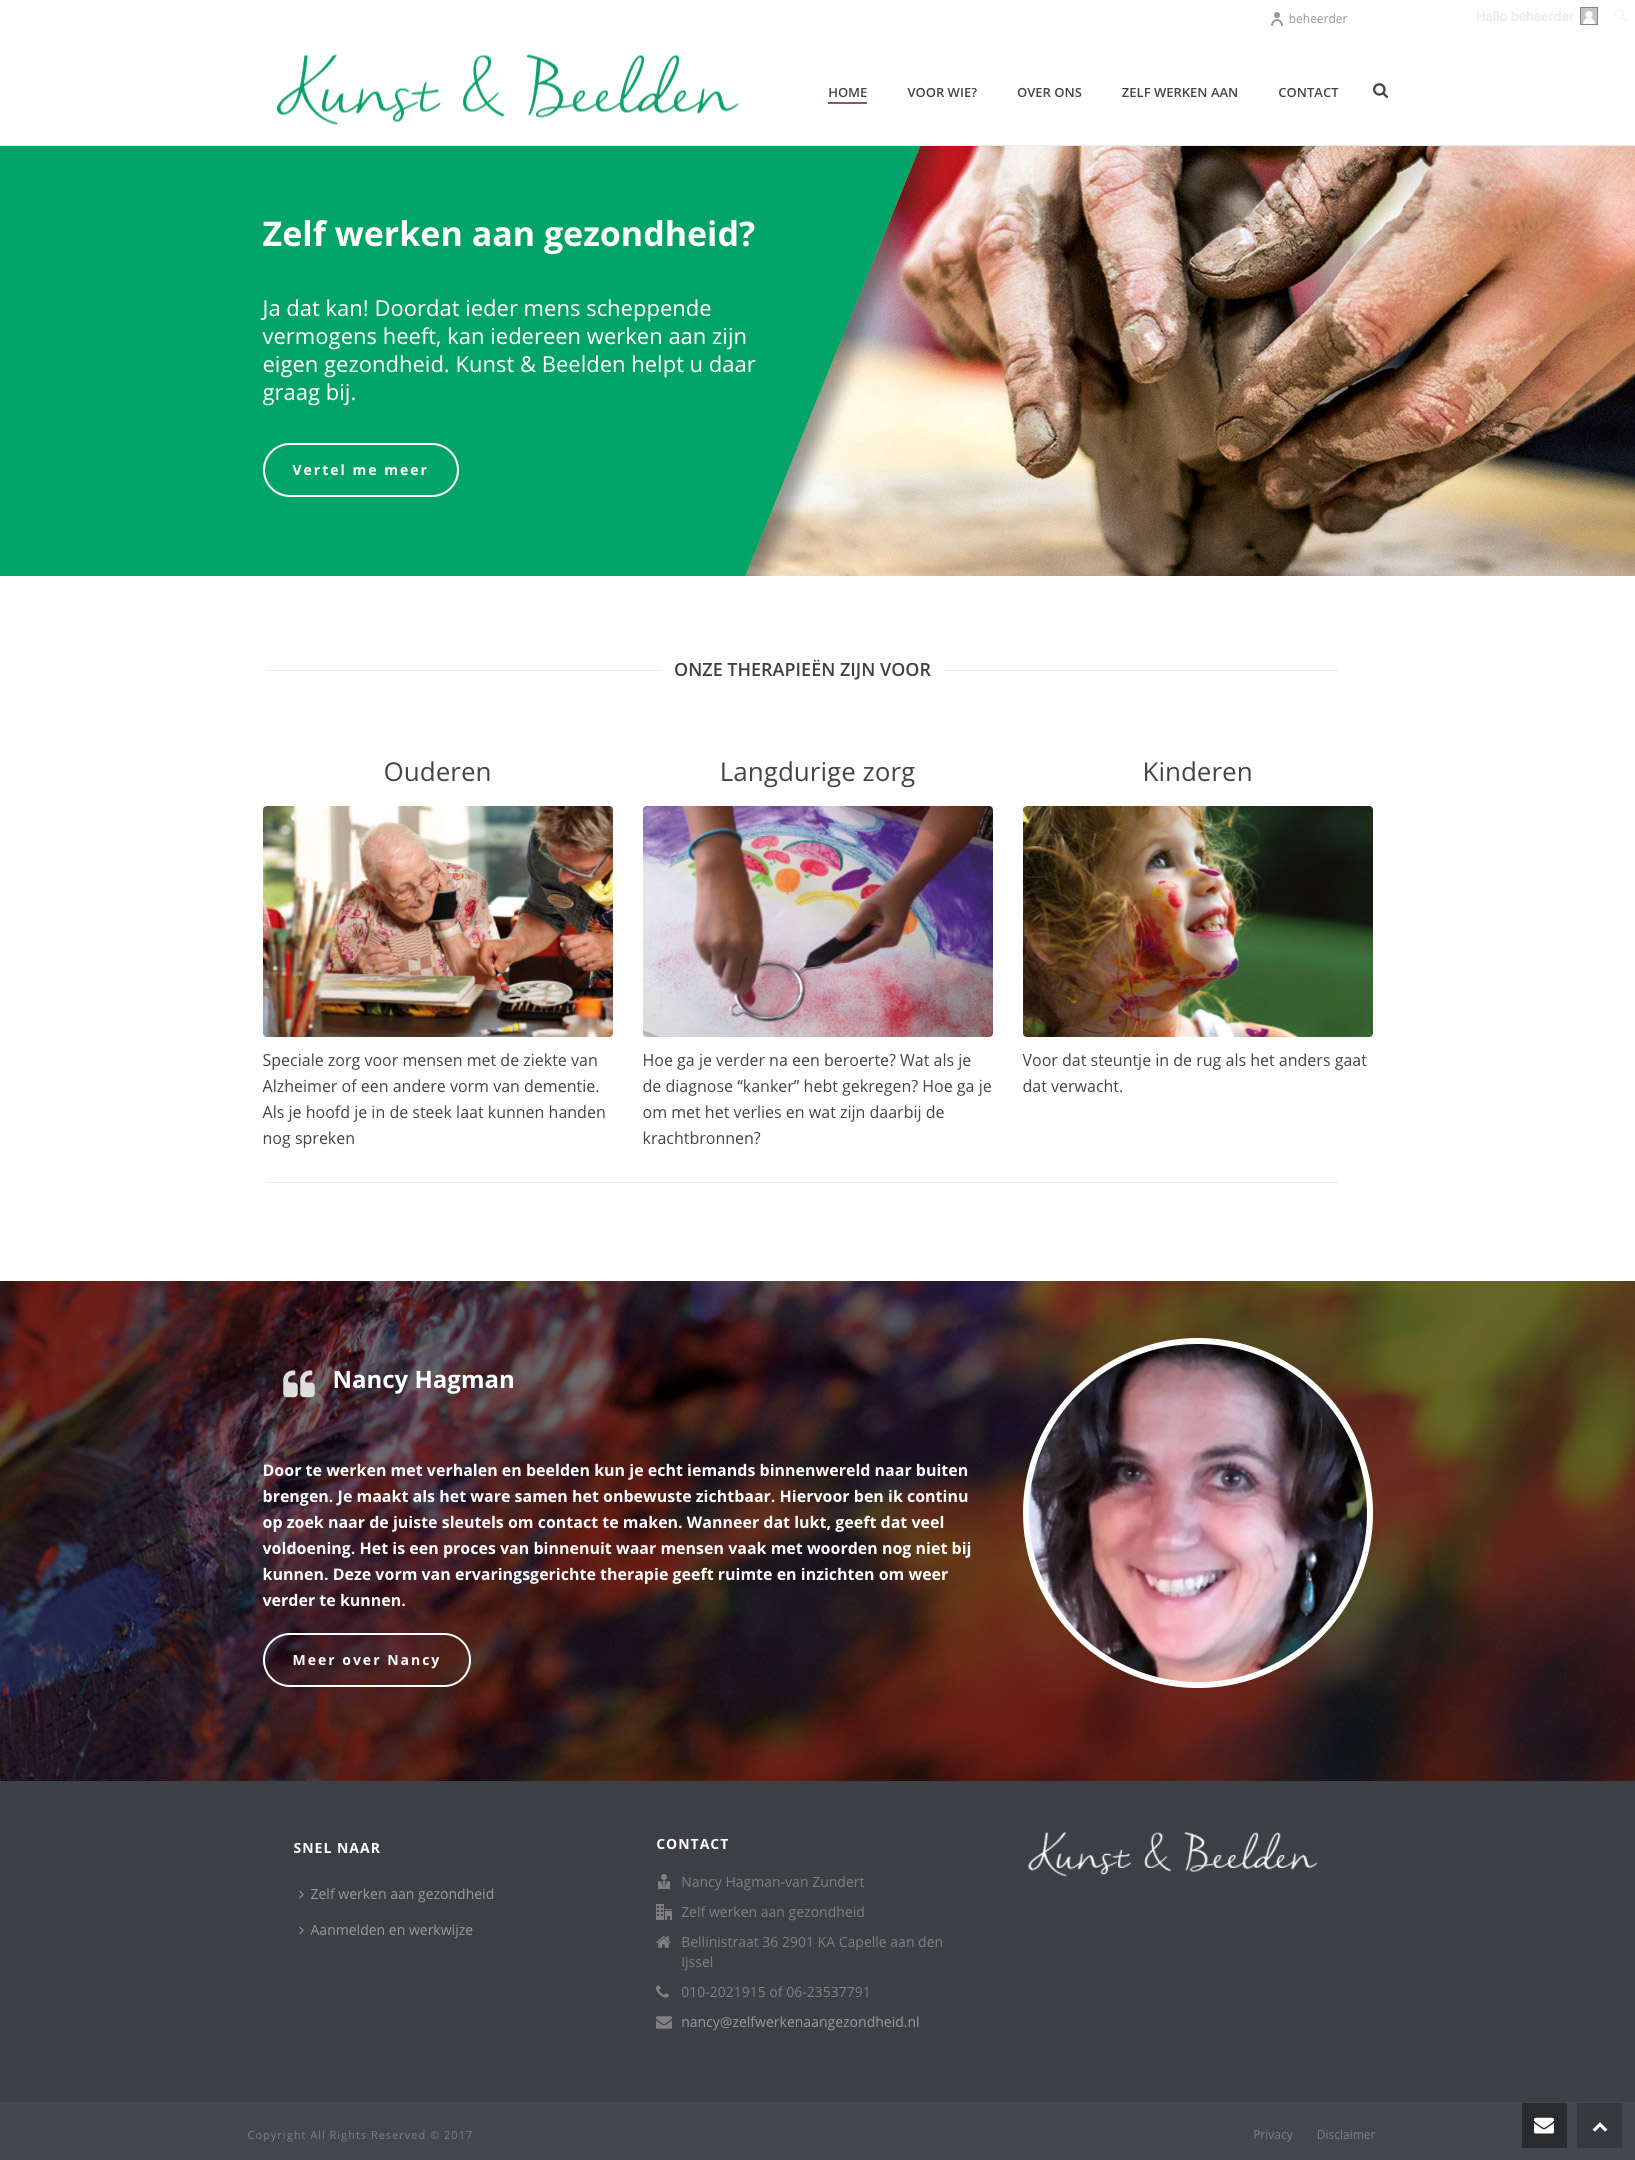 webontwerp zelfwerkenaangezondheid